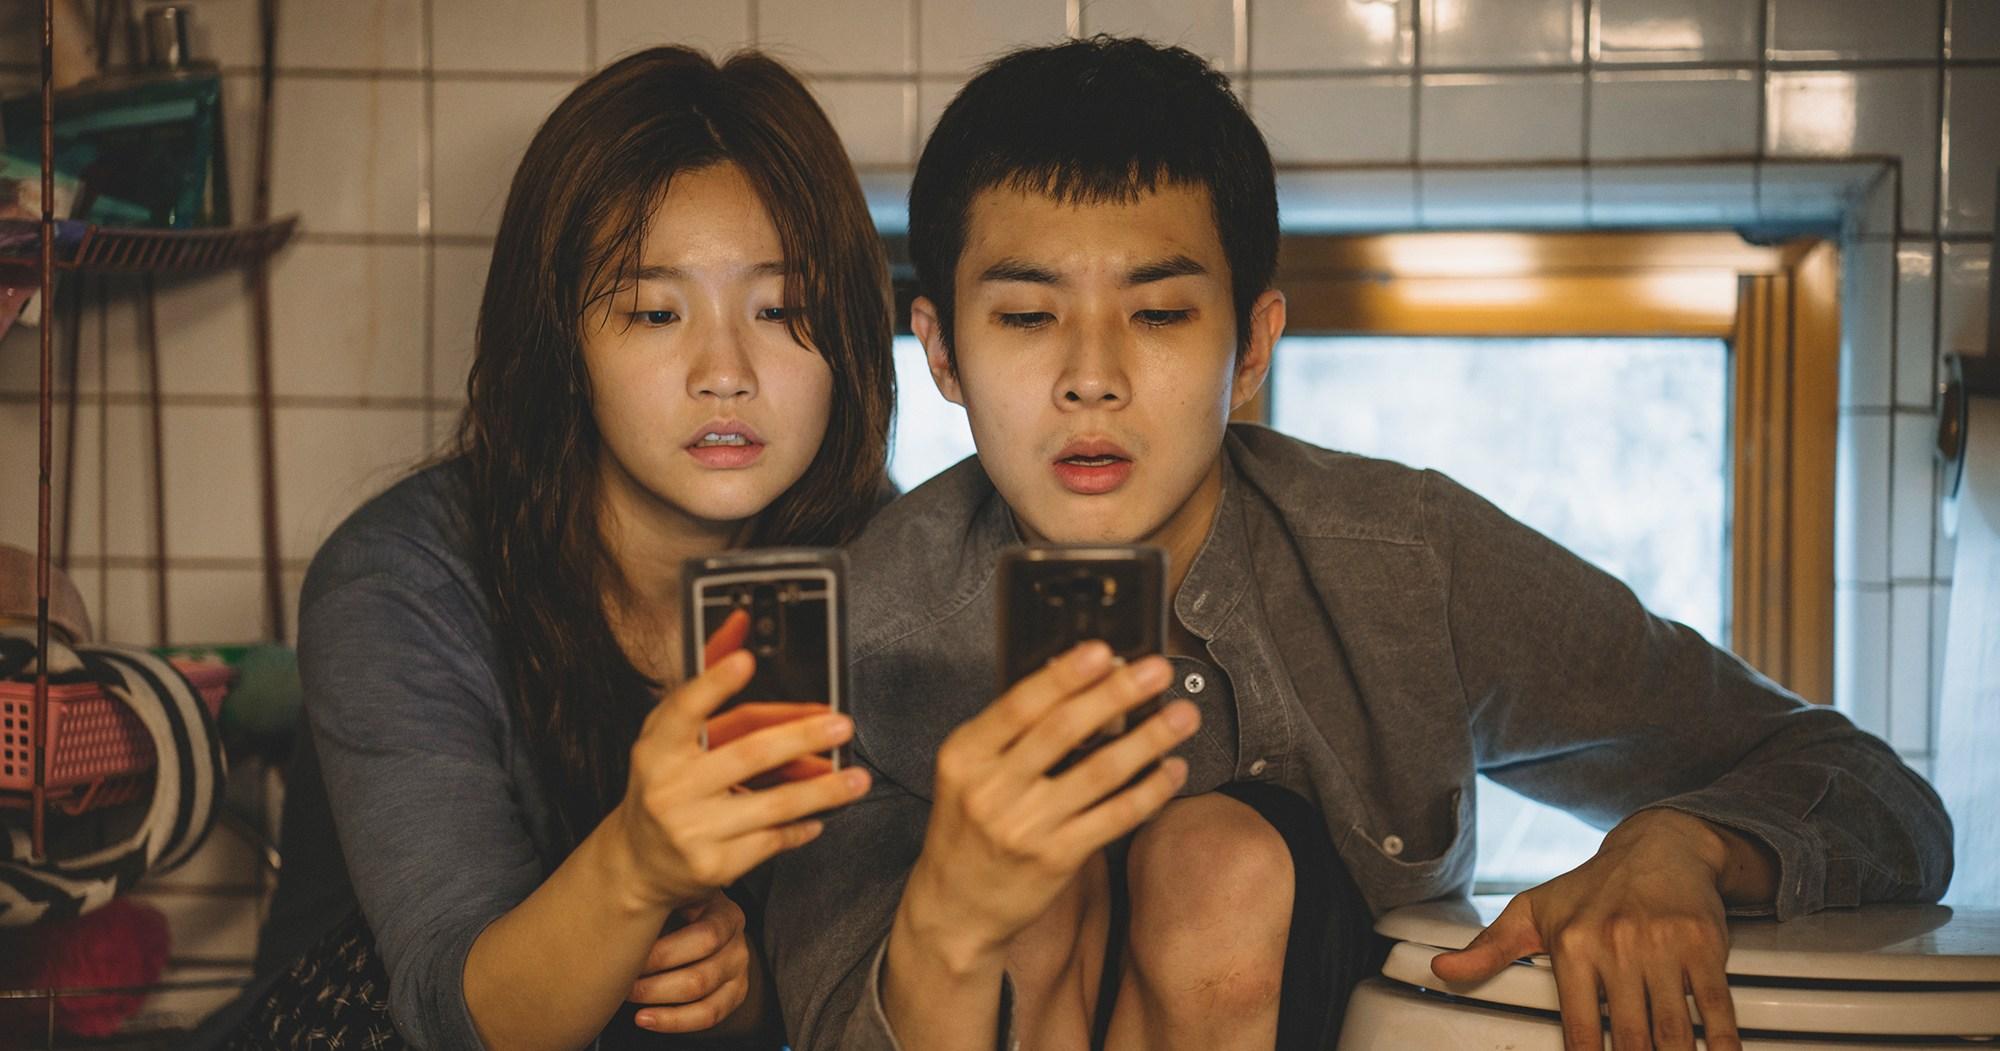 8 Curiosidades sobre Parasite, la película que hizo historia en los Oscars 2020   Cinéfilos